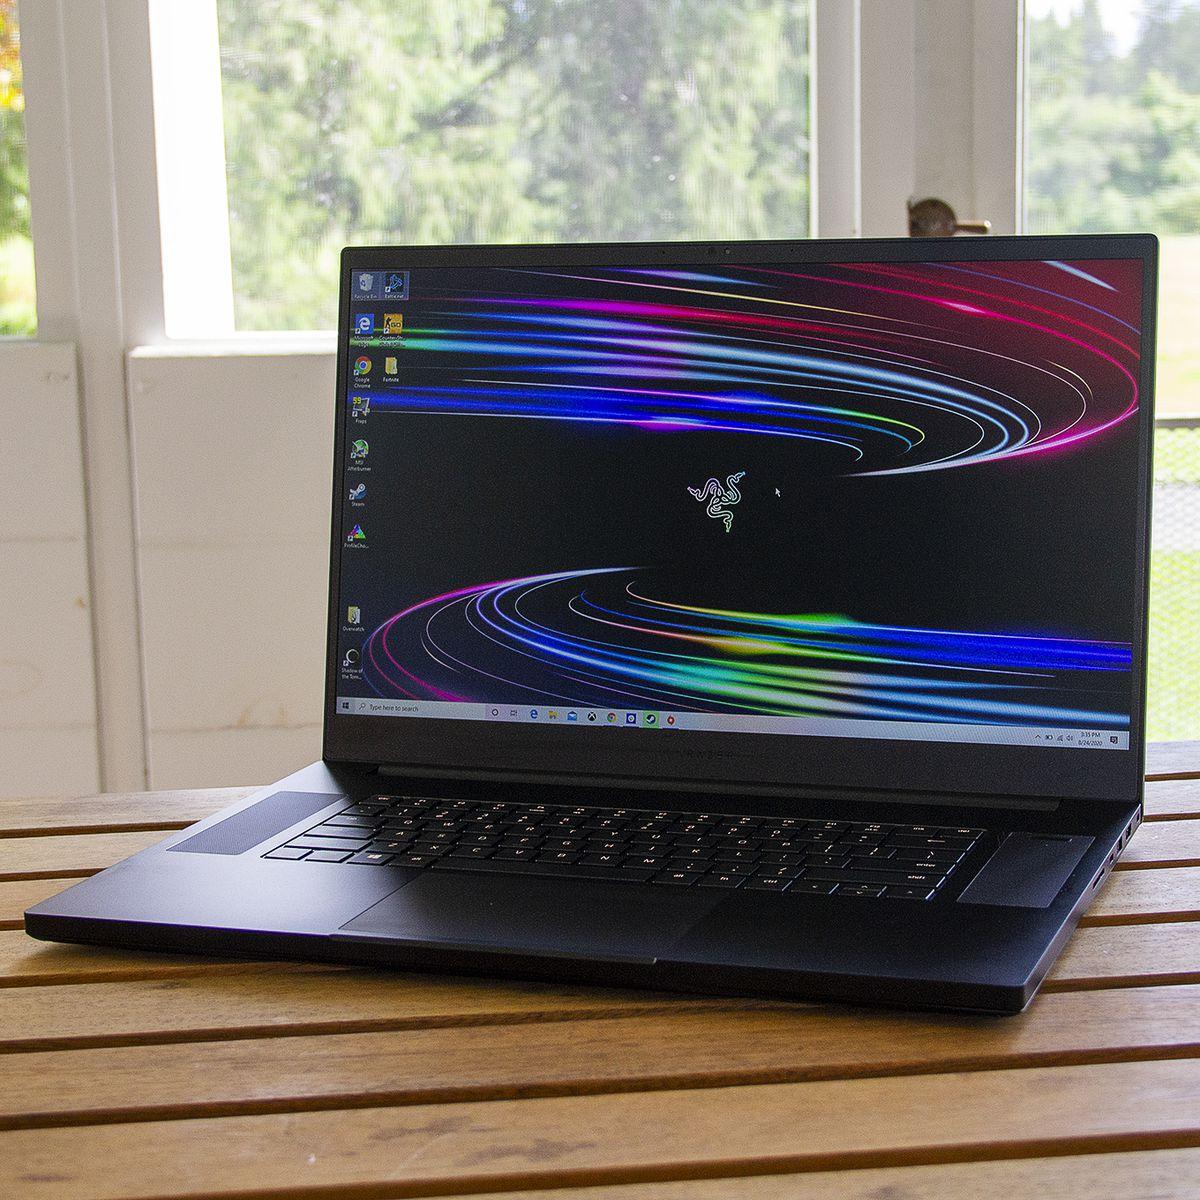 Ofertas de portátiles Cyber Monday: Apple, Dell, HP y más